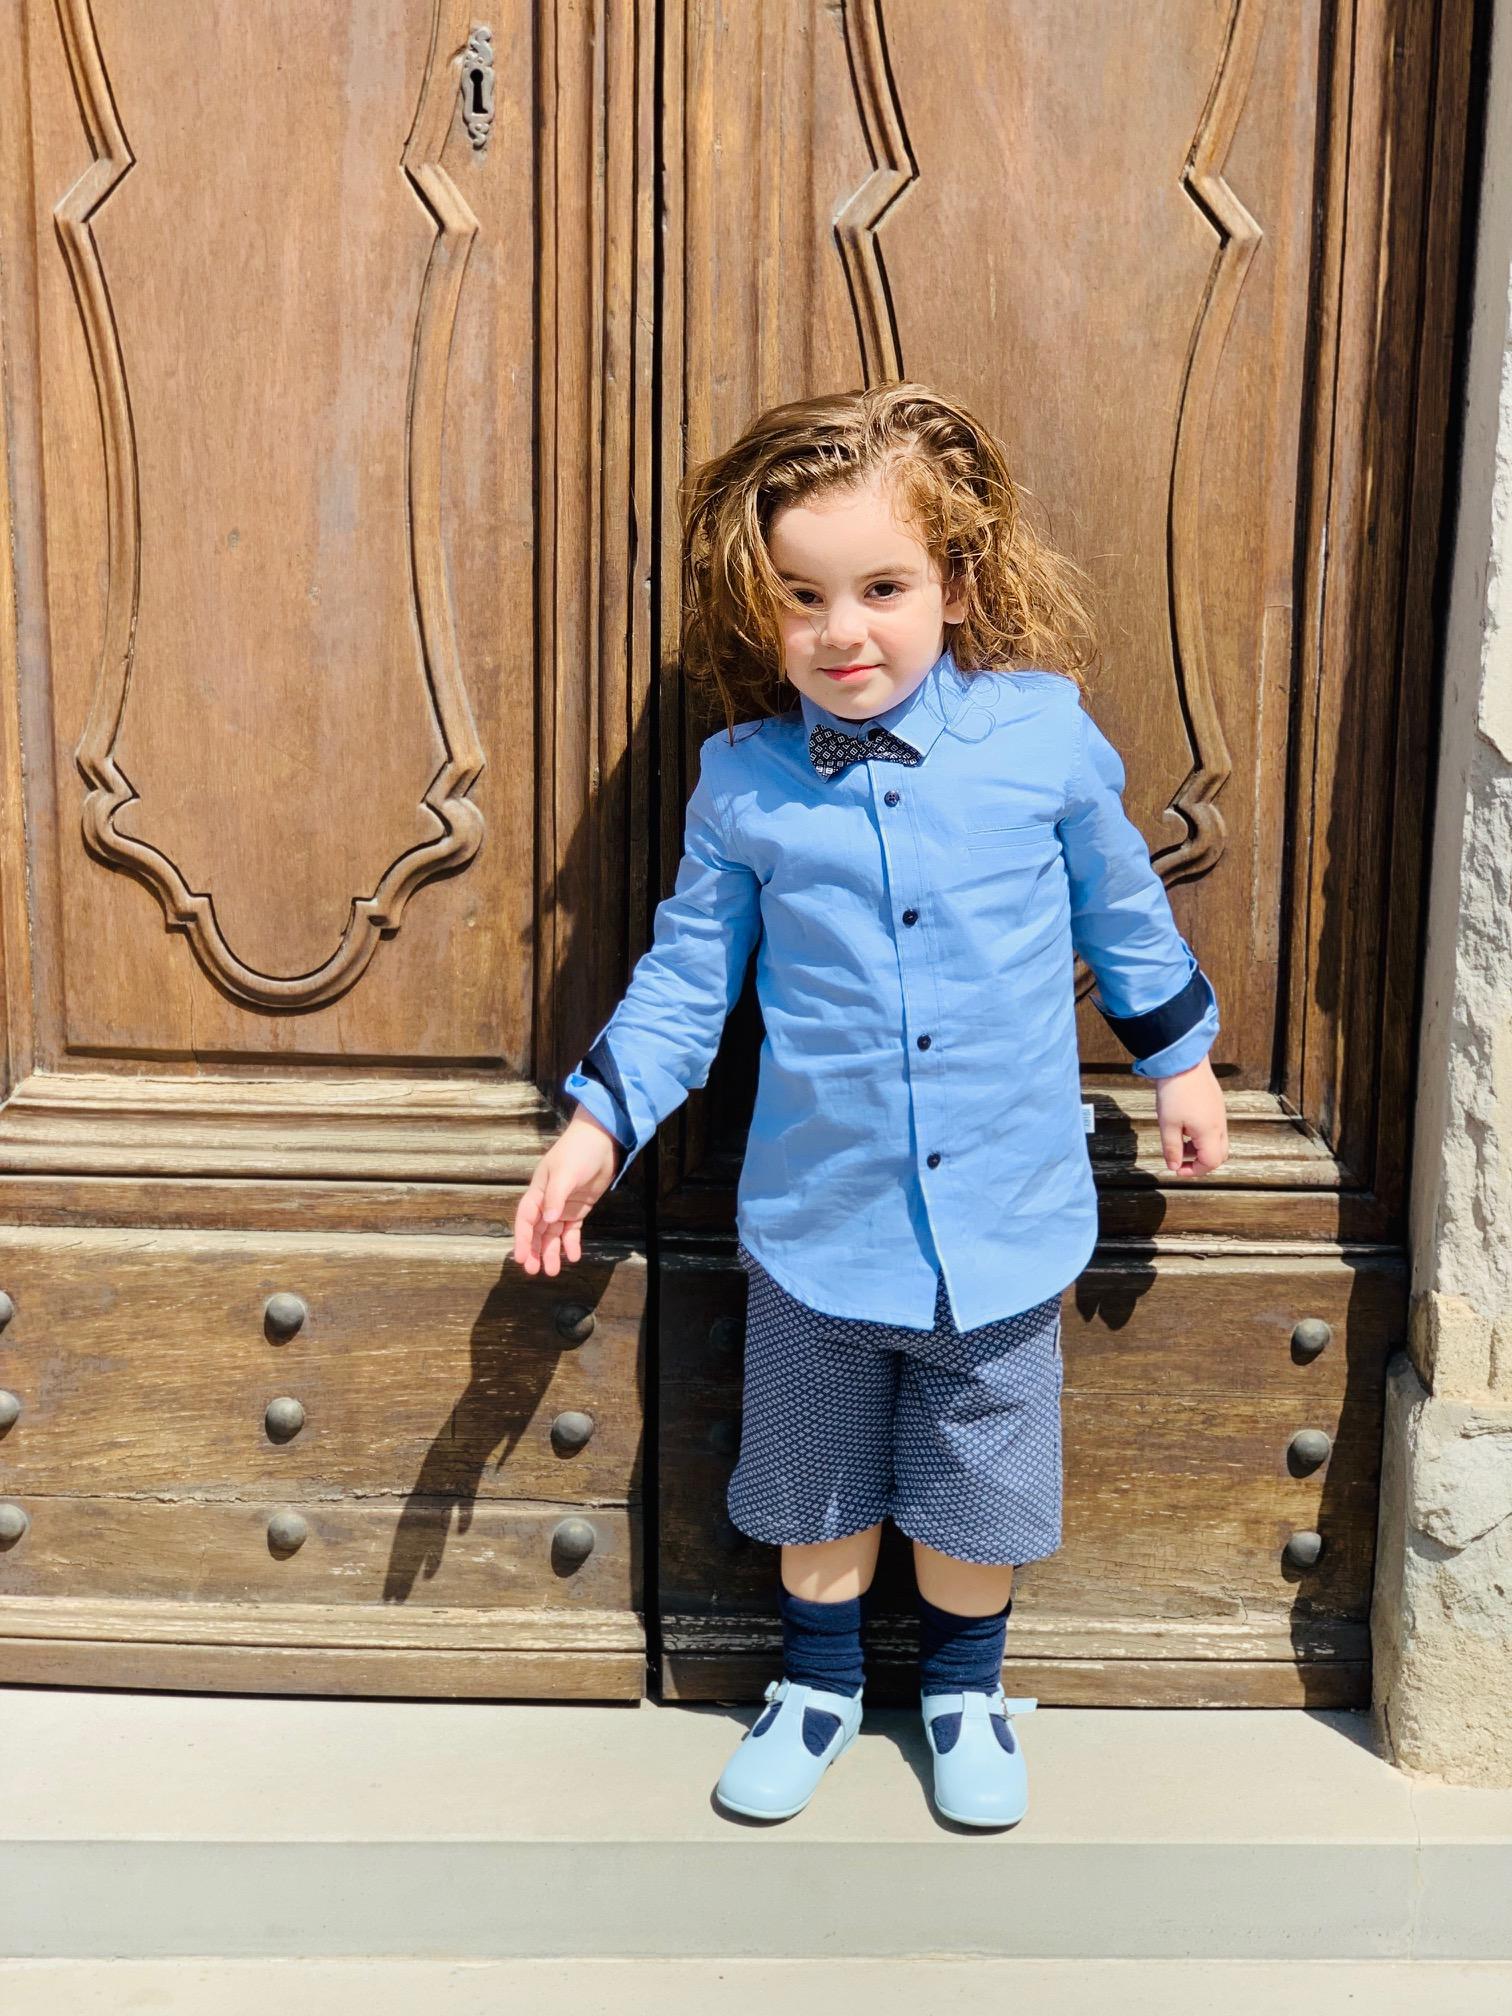 pacchetto elegante e robusto vendita di liquidazione come serch Vestiti per bambini Melby: eleganti, ma con brio (anche per ...